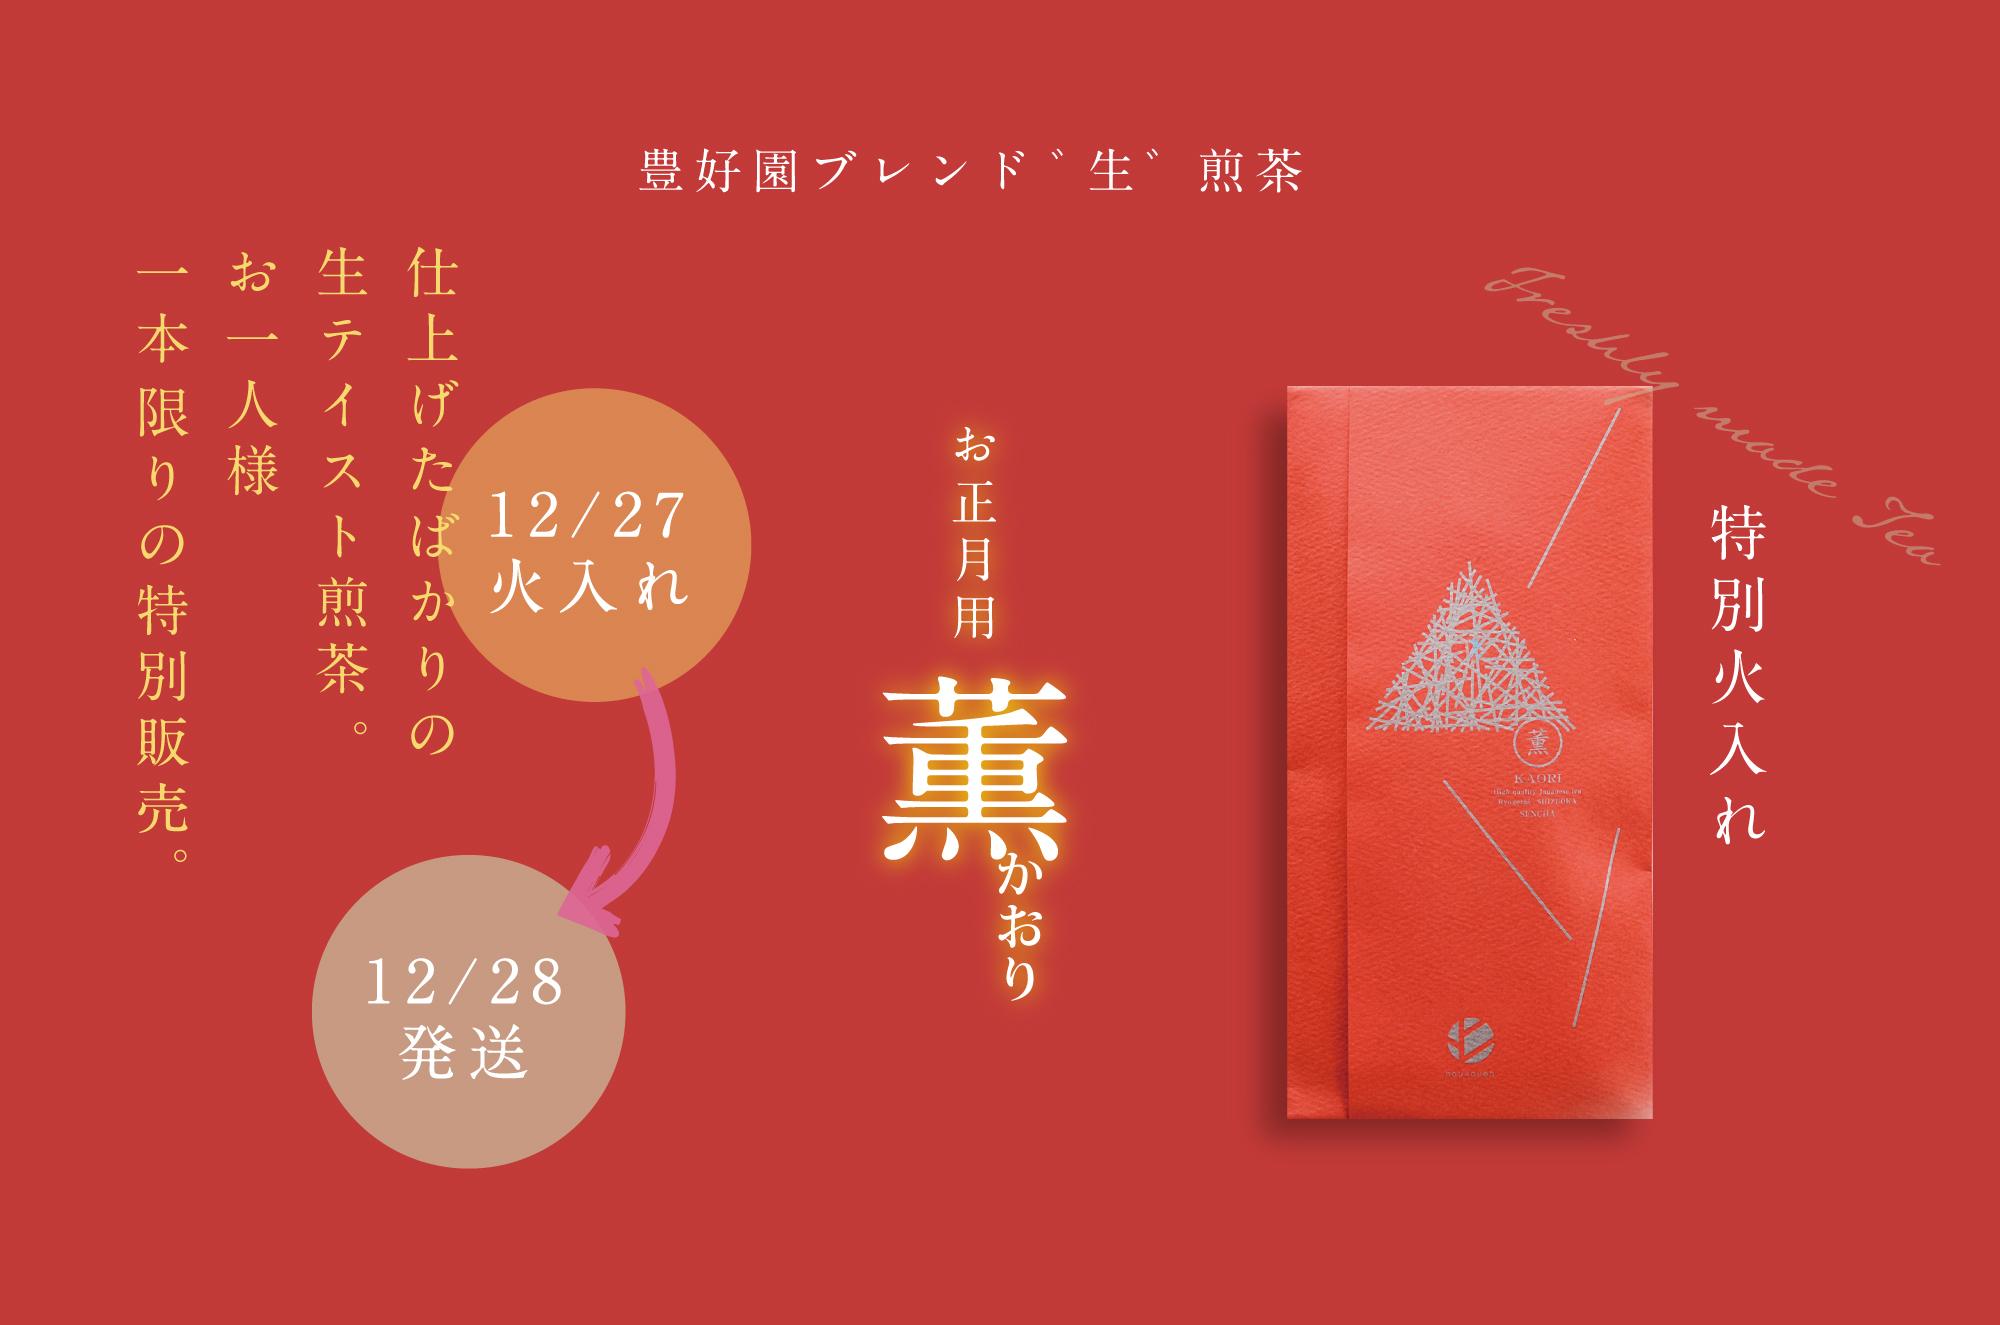 正月用特別火入れ【薫:かおり】予約&期間限定販売!